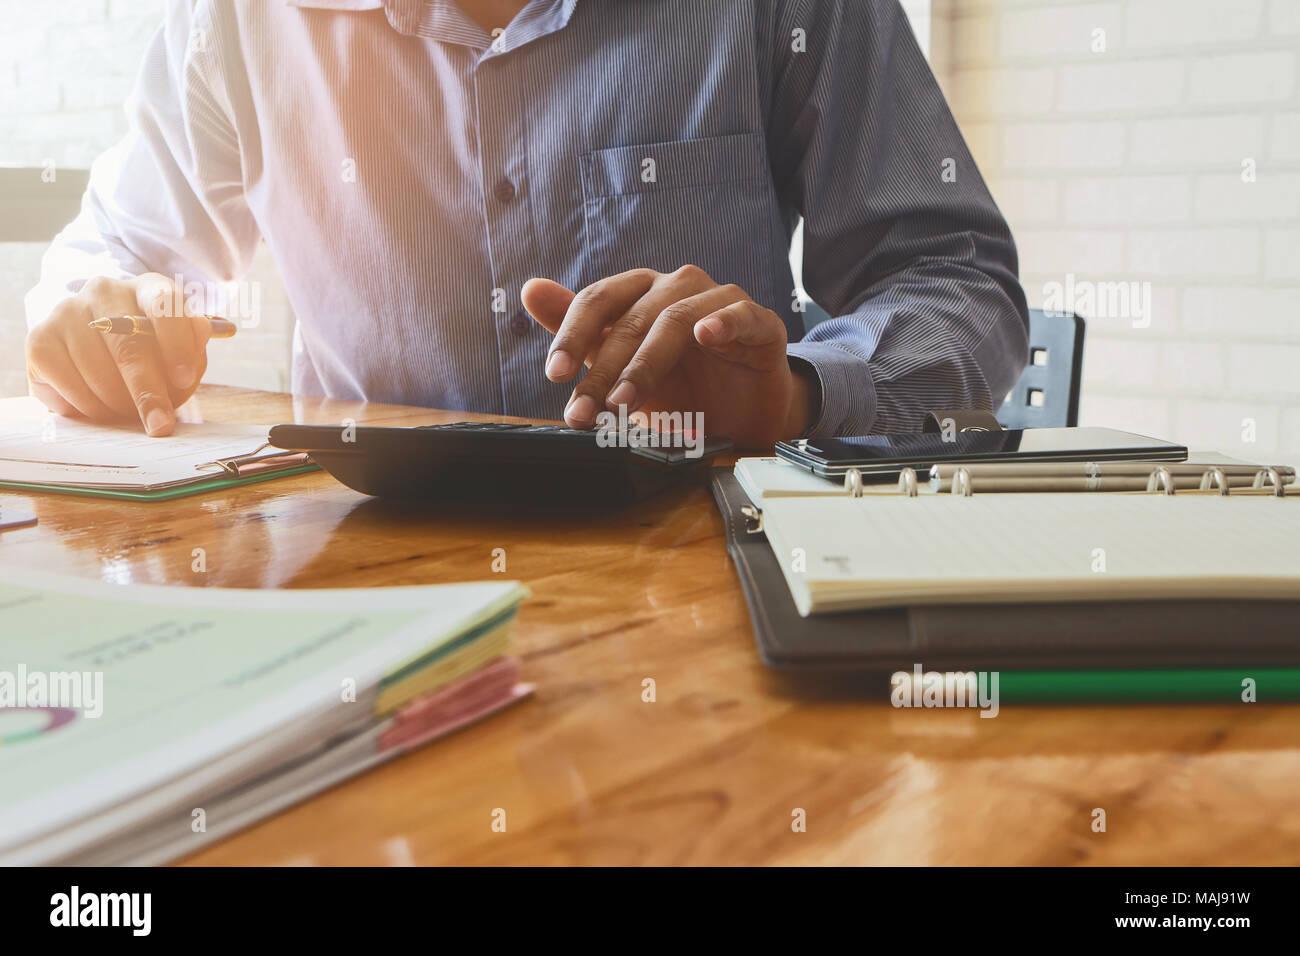 Nahaufnahme, Geschäftsmann, Hand mit Taschenrechner. Professionelle Anleger über die Kosten berechnen. Finance Manager Aufgabe. Stockbild